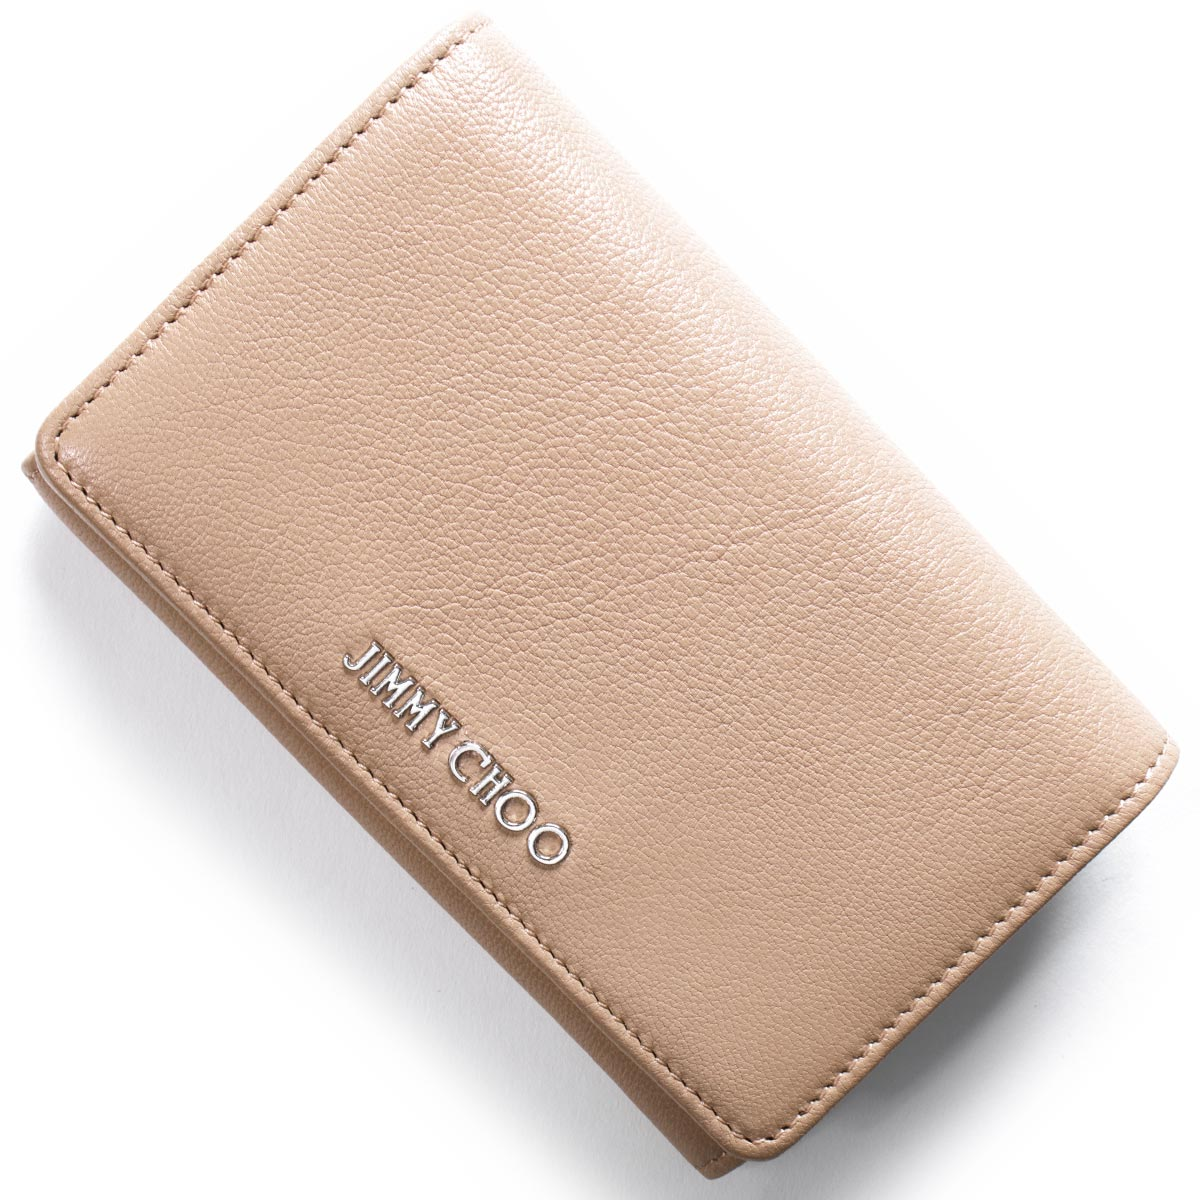 ジミーチュウ 二つ折り財布 財布 レディース マーリー MARLIE バレエピンクベージュ MARLIE GRZ BPI JIMMY CHOO